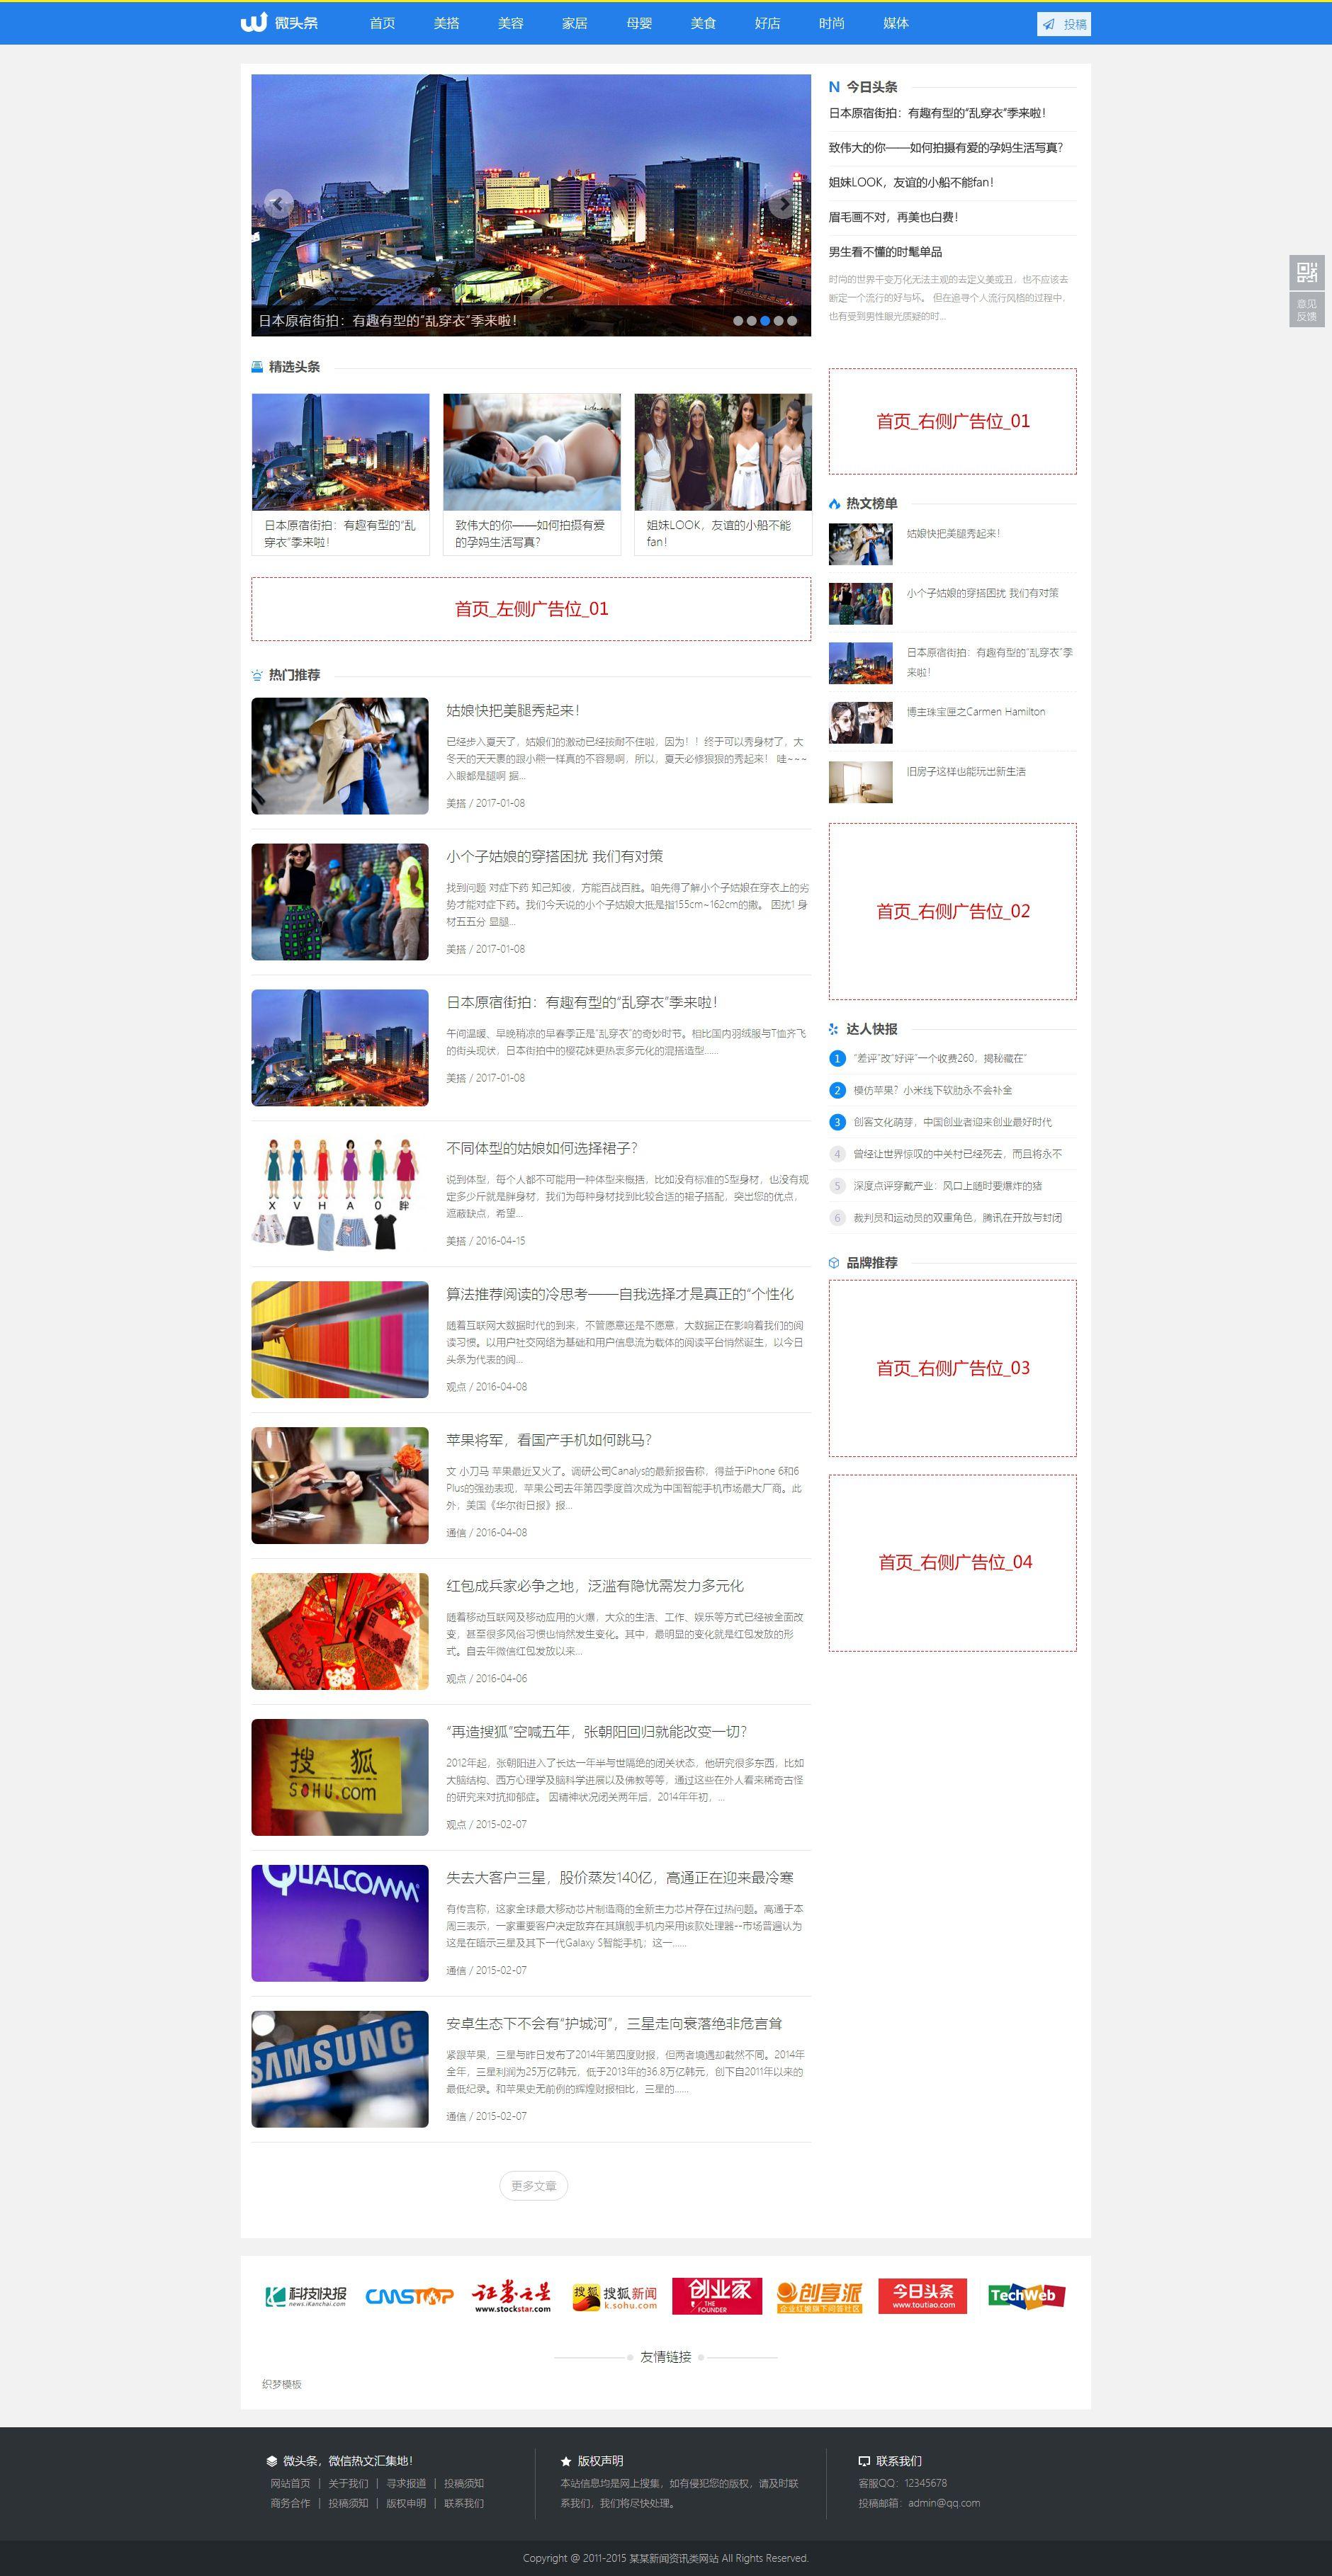 蓝色新闻博客自媒体头条网织梦dedecms模板(带手机端带投稿)